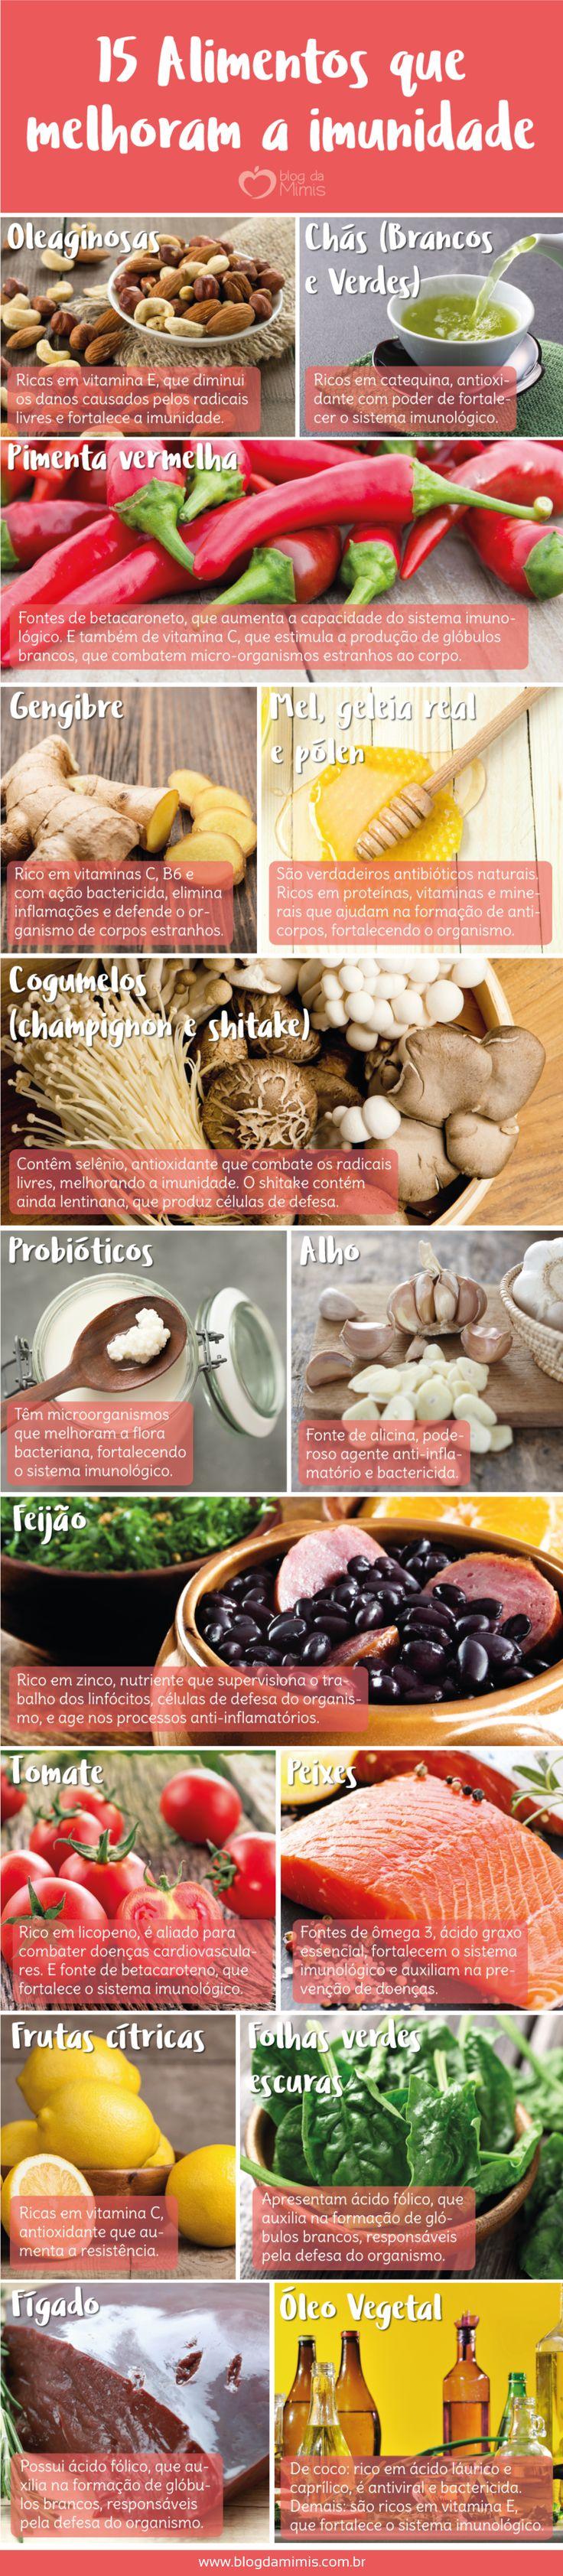 Super disposição: 15 alimentos que melhoram a imunidade - Blog da Mimis - catálogo de alimentos que turbinam a imunidade! São 15 sugestões para deixar a dieta mais gostosa e o corpo mais forte! #cardápio #imunidade #fortalecedores #alimentos #dieta #emagrecer